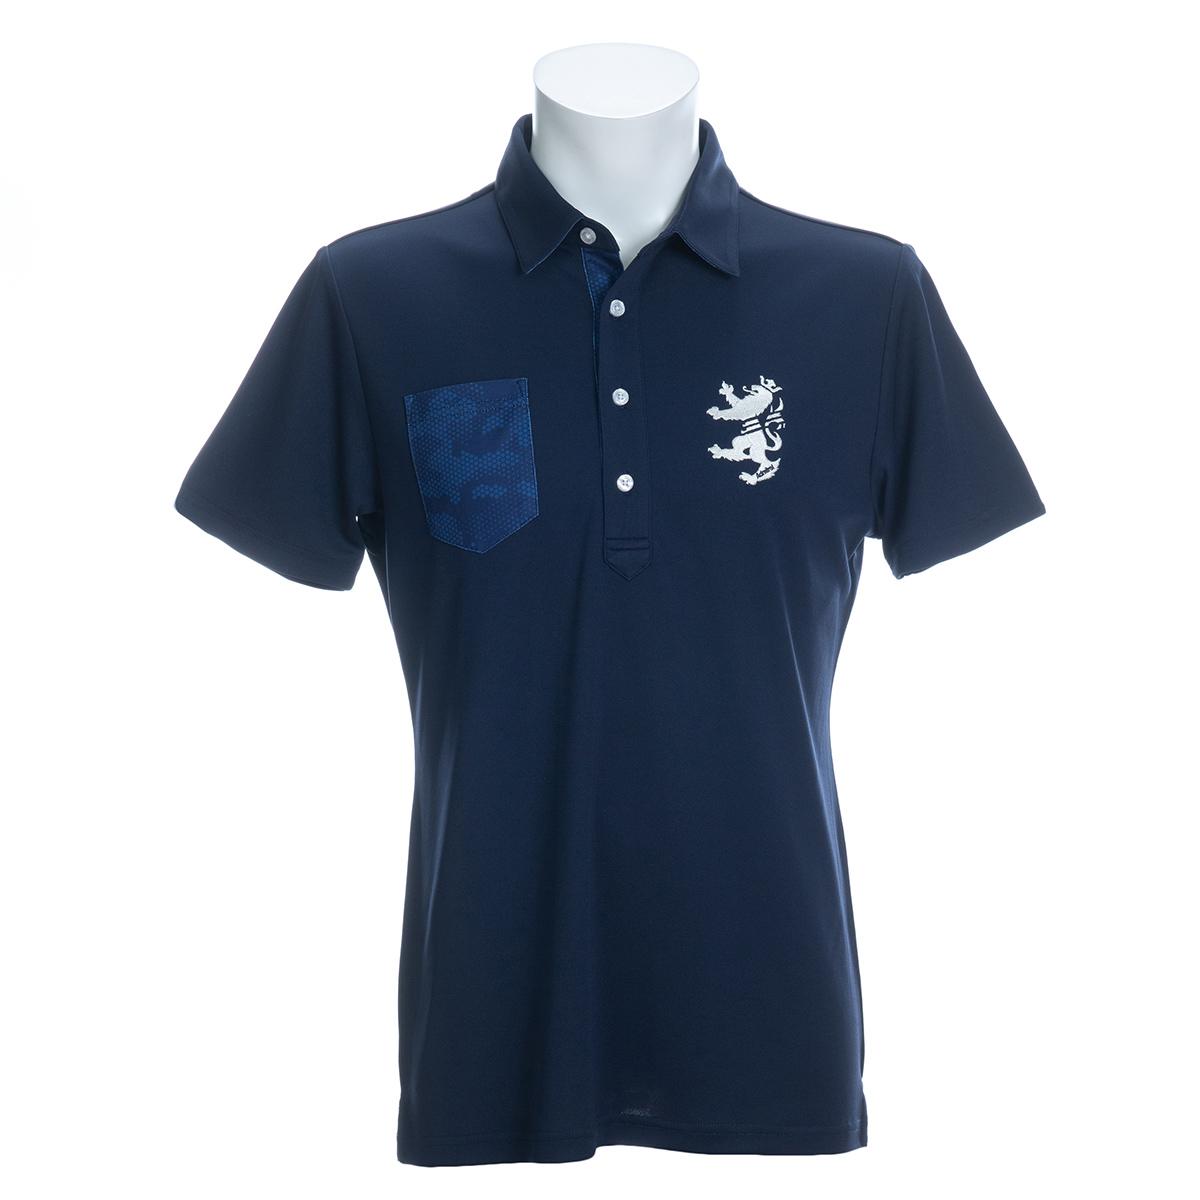 パーツカモプリント 半袖ポロシャツ